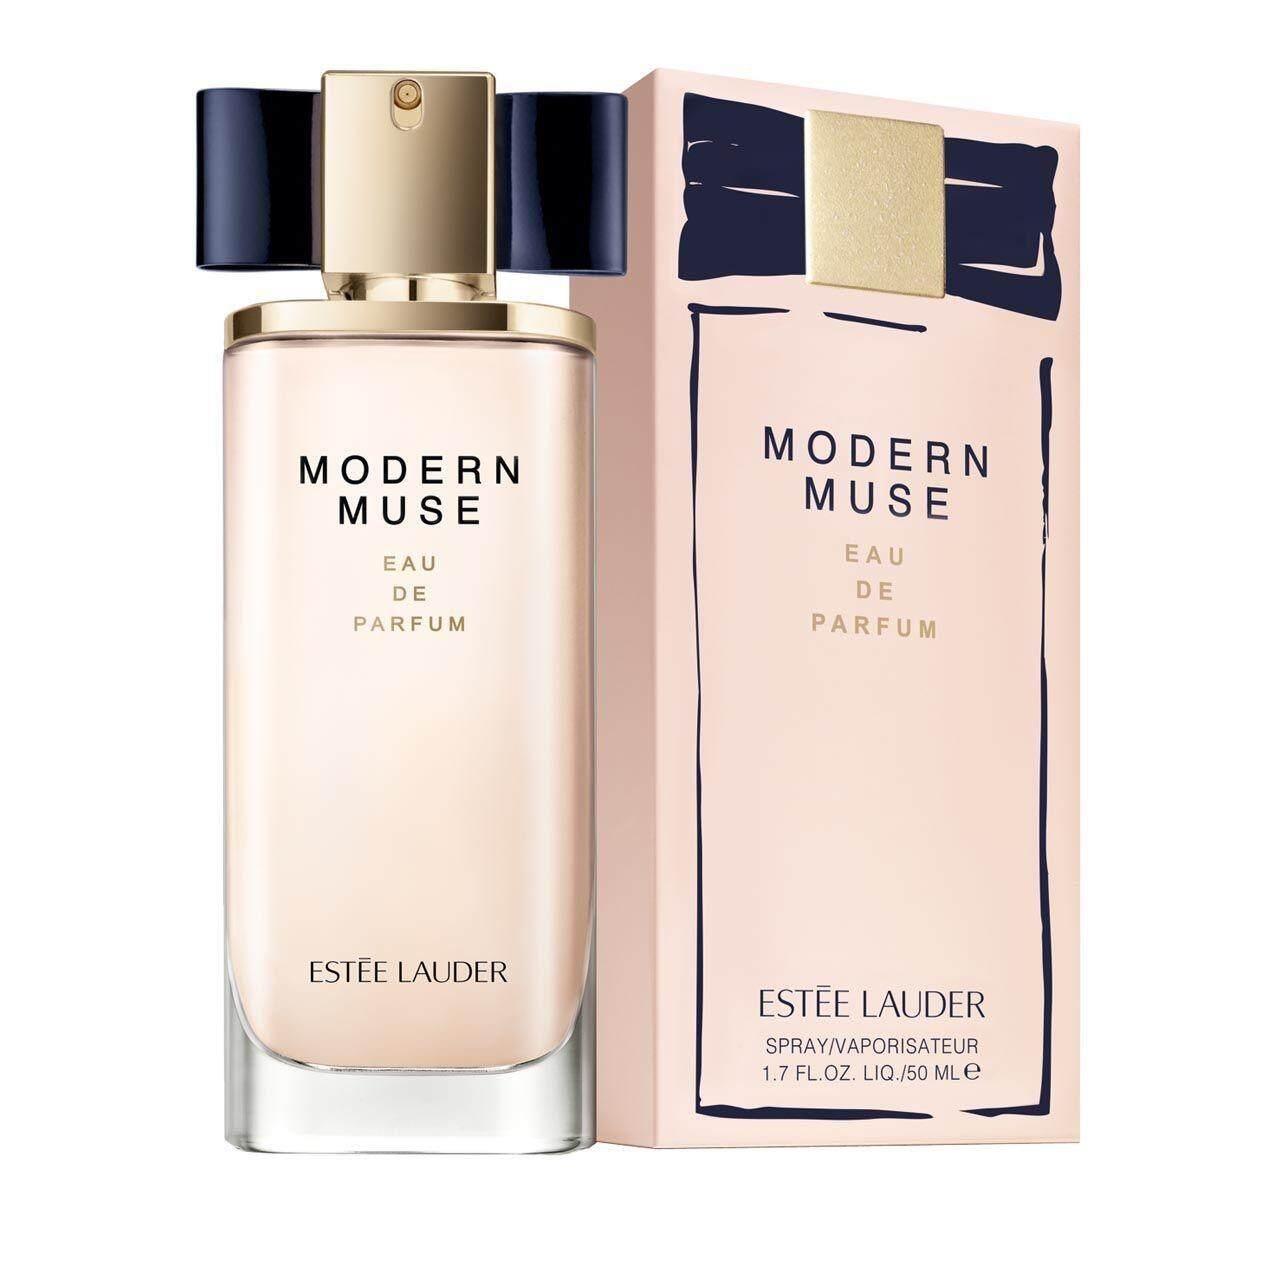 Estee Lauder Modern Muse Edp 5Ml นำ้หอมแท้แบ่งขาย เป็นต้นฉบับ